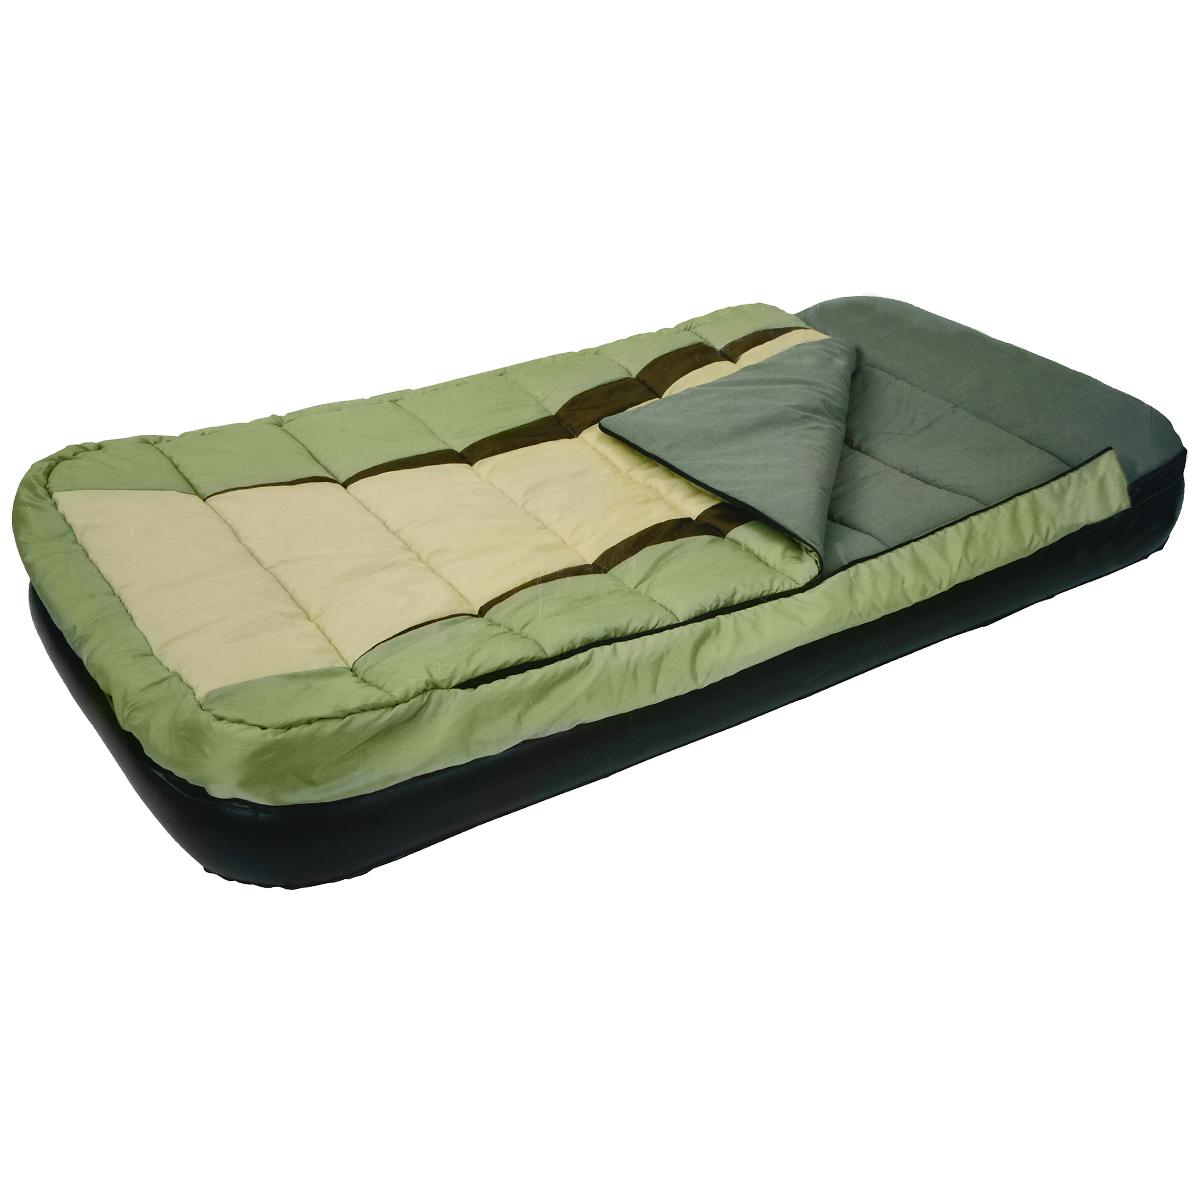 Кровать надувная Relax со спальником, 190 х 99 х 25 см